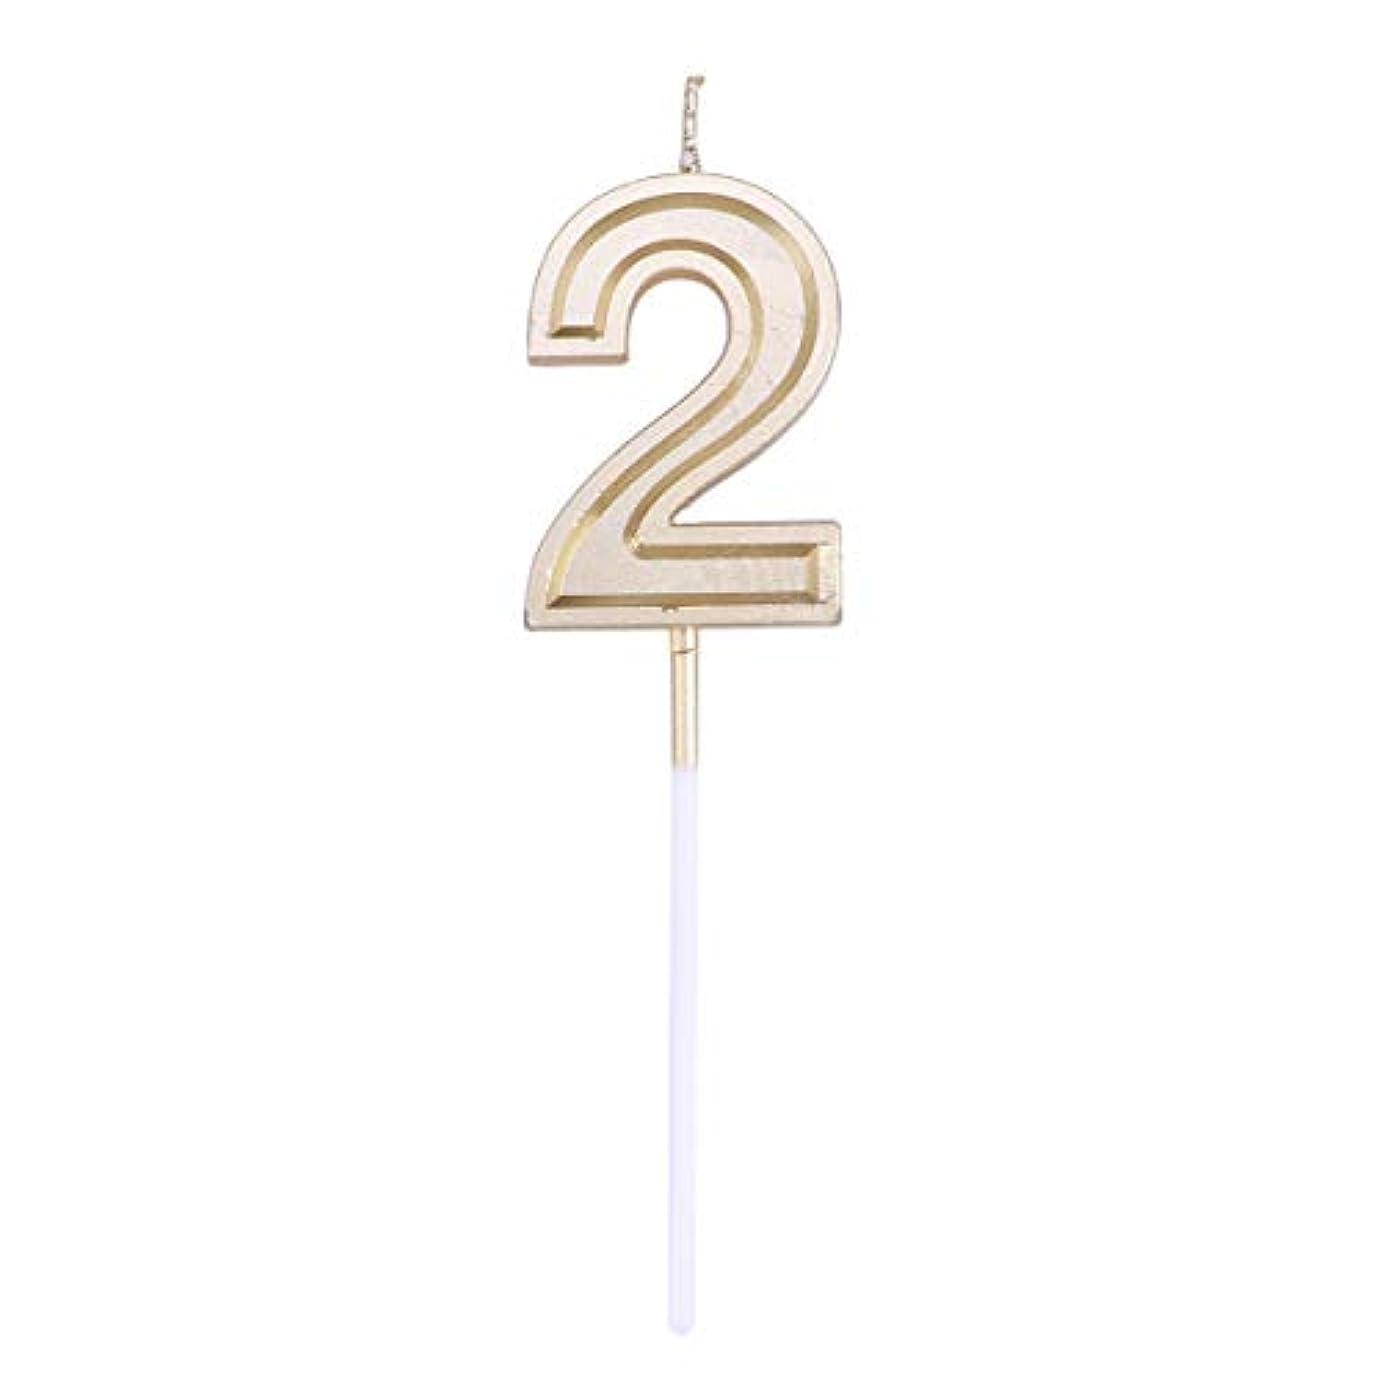 公使館リーチ原稿Toyvian ゴールドラメ誕生日おめでとう数字キャンドル番号キャンドルケーキトッパー装飾用大人キッズパーティー(ナンバー2)